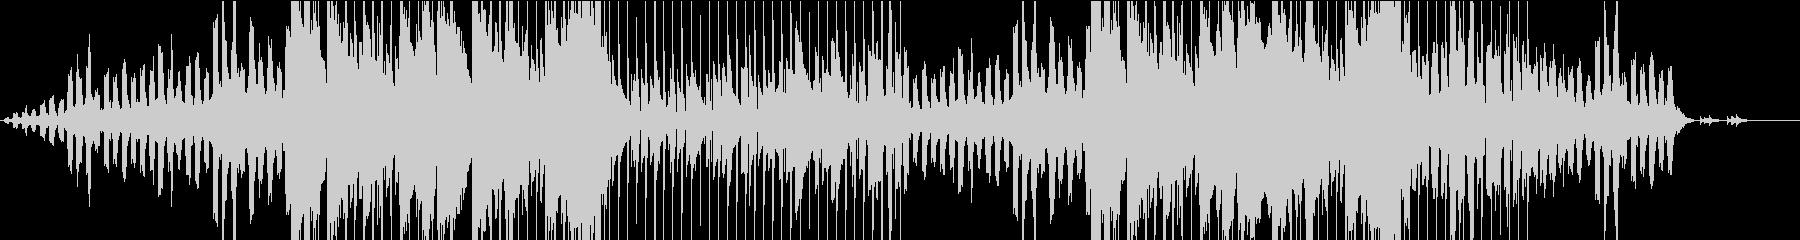 ゆったりとした雰囲気のピアノバラードの未再生の波形